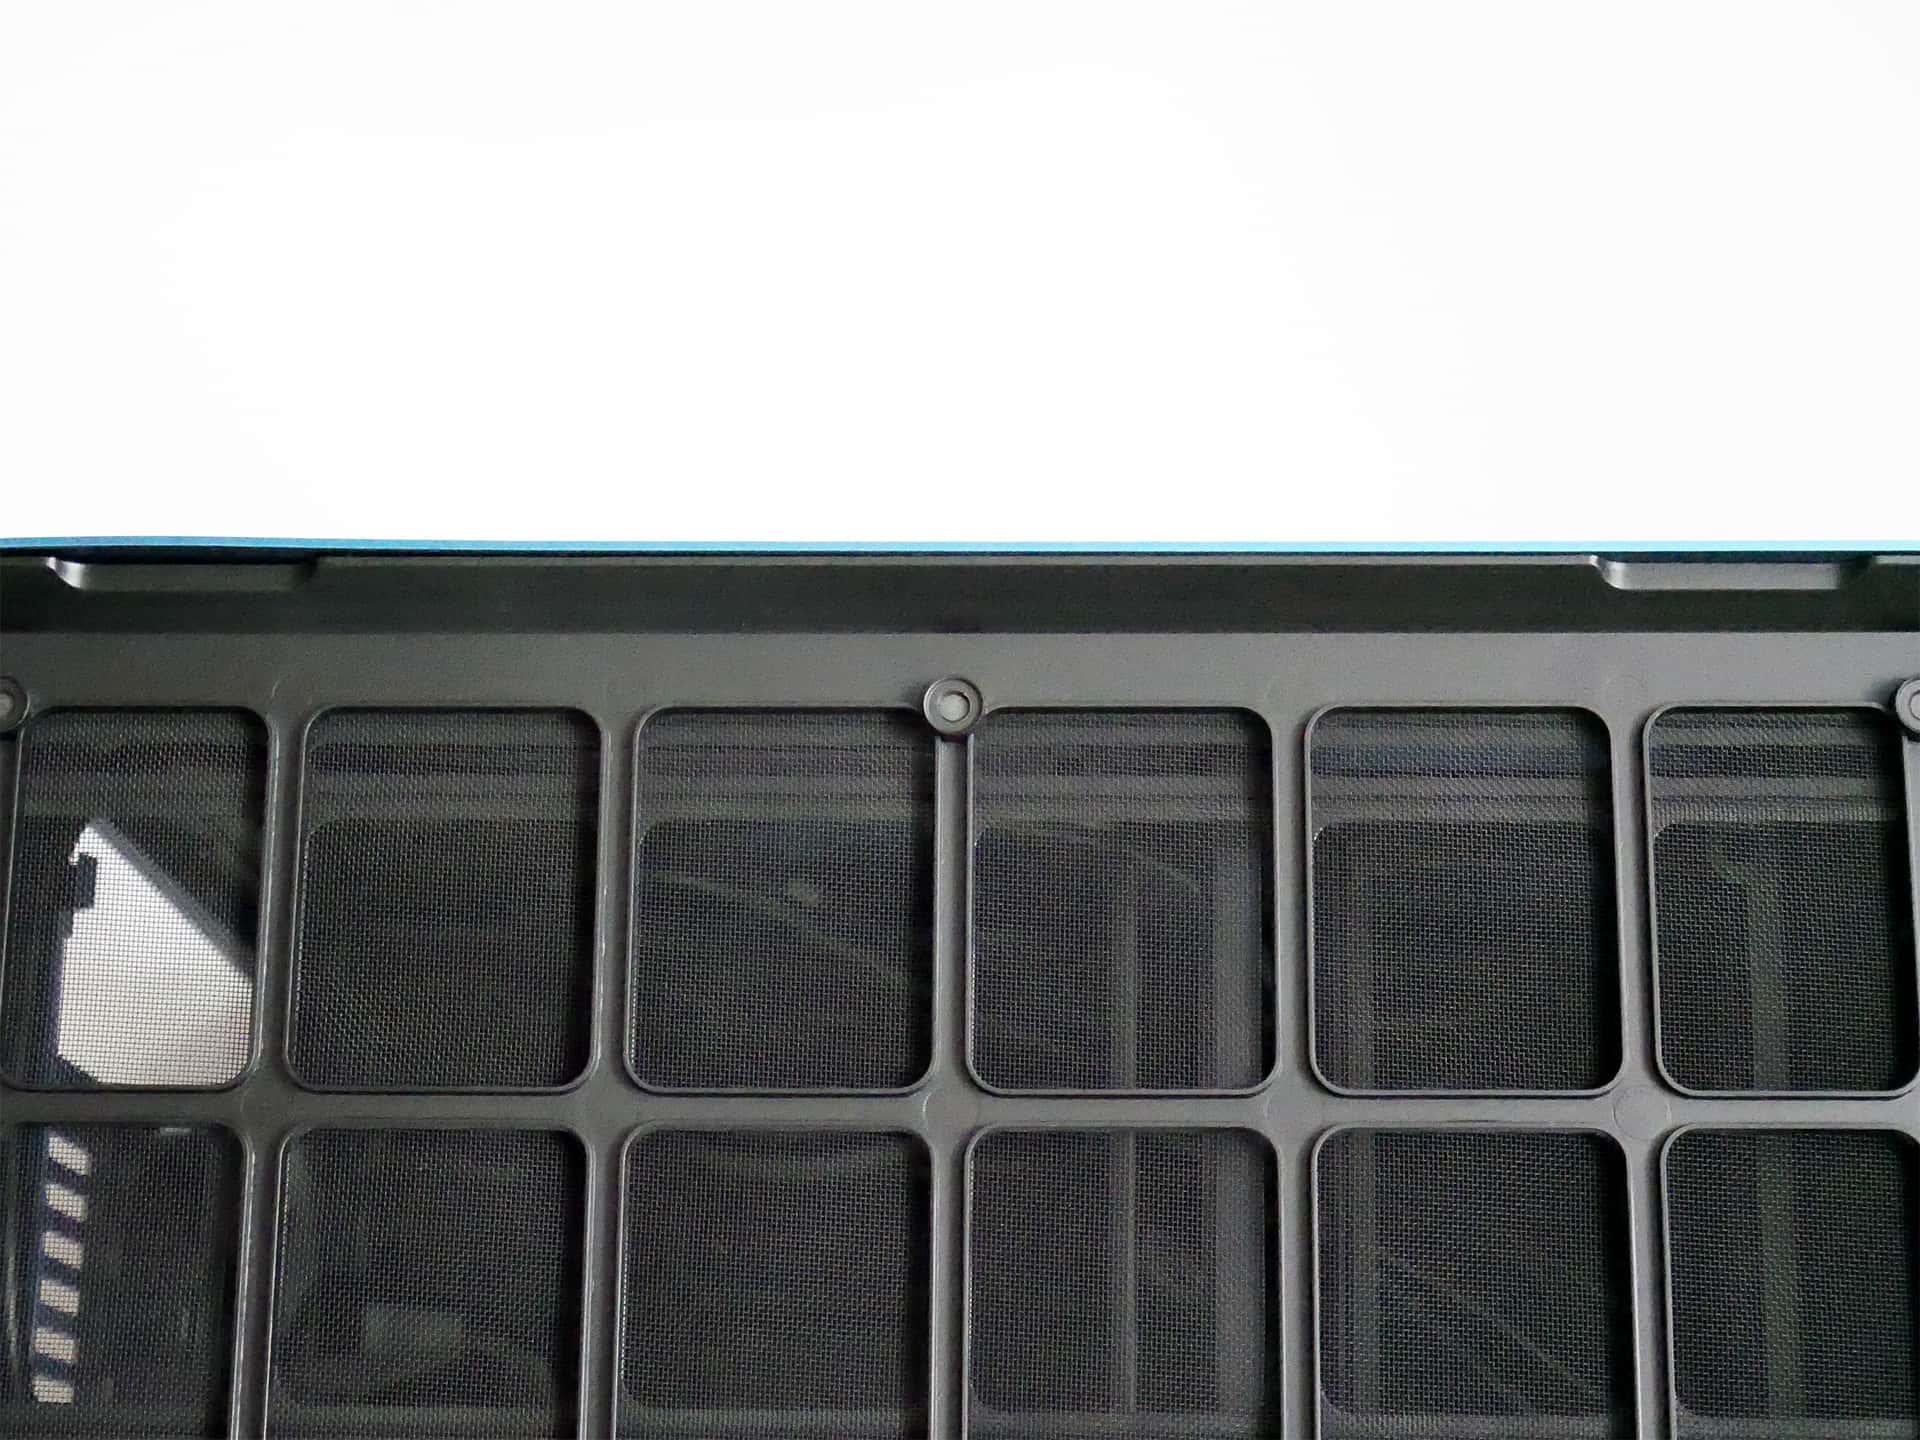 Fractal Design Era ITX トップパネルのくぼみ